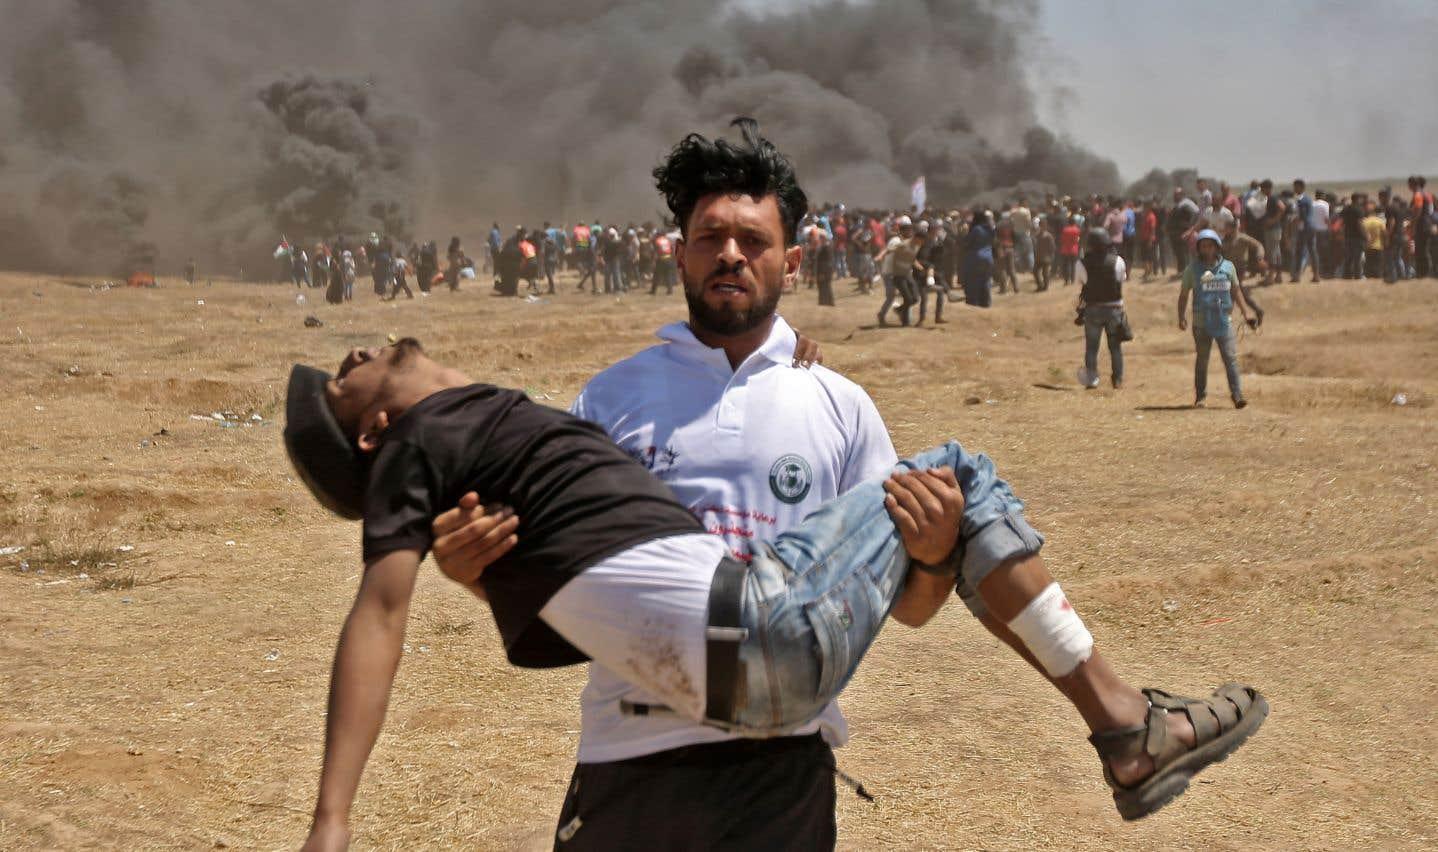 De violents affrontements entre manifestants palestiniens et soldats israéliens ont fait lundi 37 morts et des centaines de blessés.